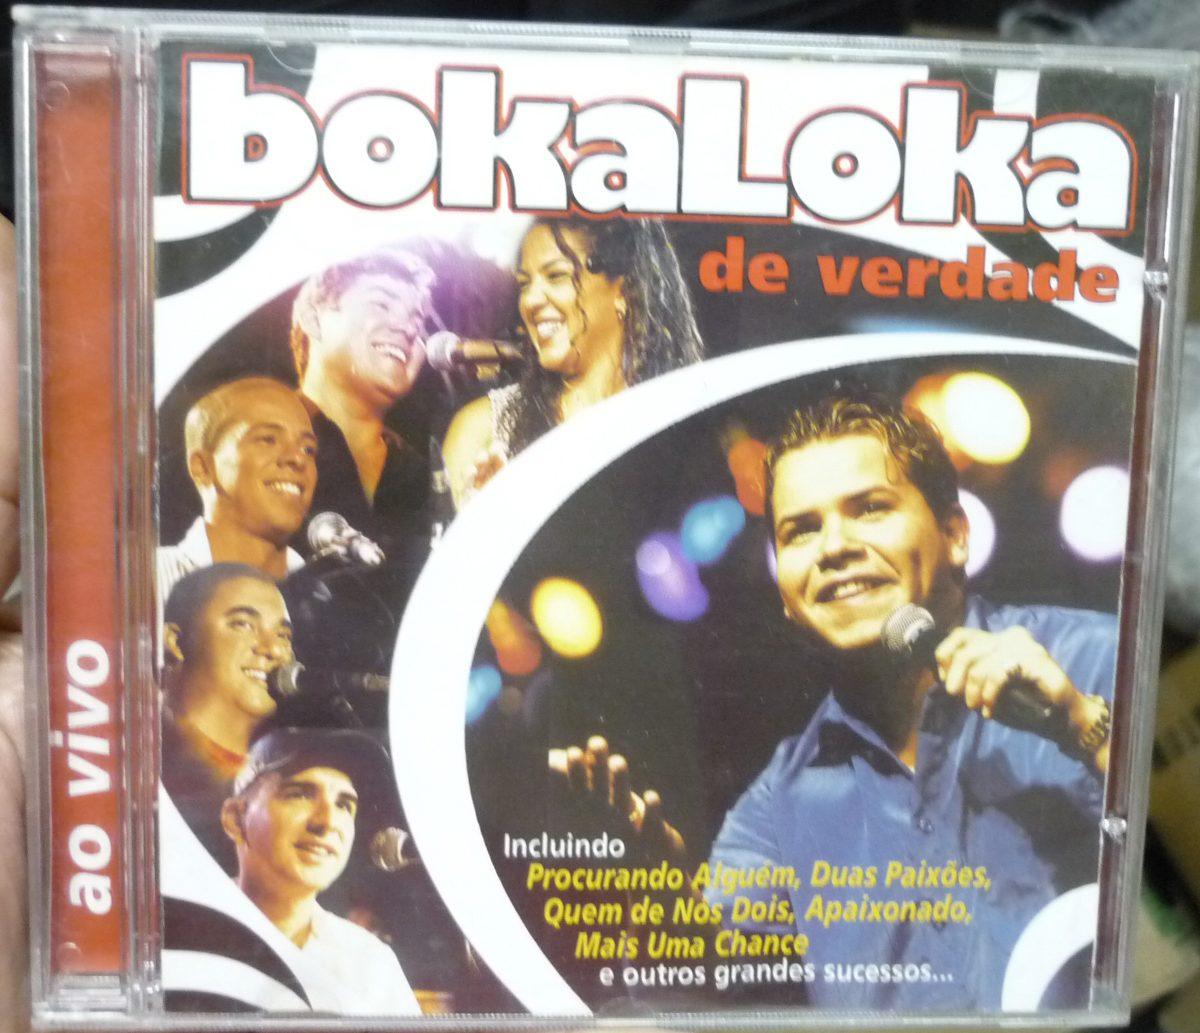 cd bokaloka de verdade 2002